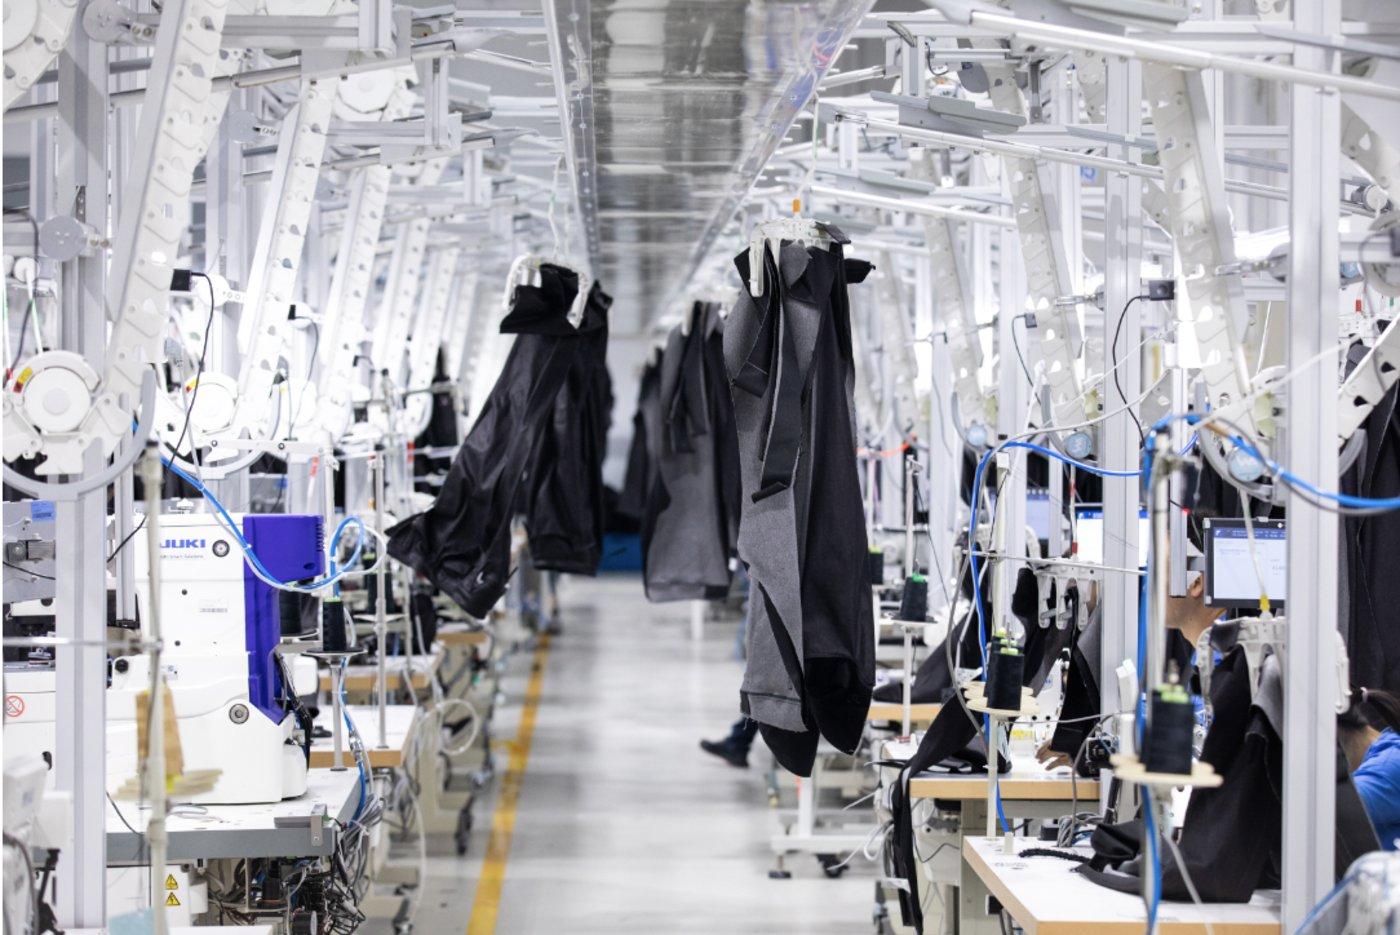 """(图:""""犀牛工厂""""首创""""棋盘式吊挂"""",可将吊挂衣架自动分配至相对空闲的工位,解决吊挂单向流转、容易拥堵的问题。)"""